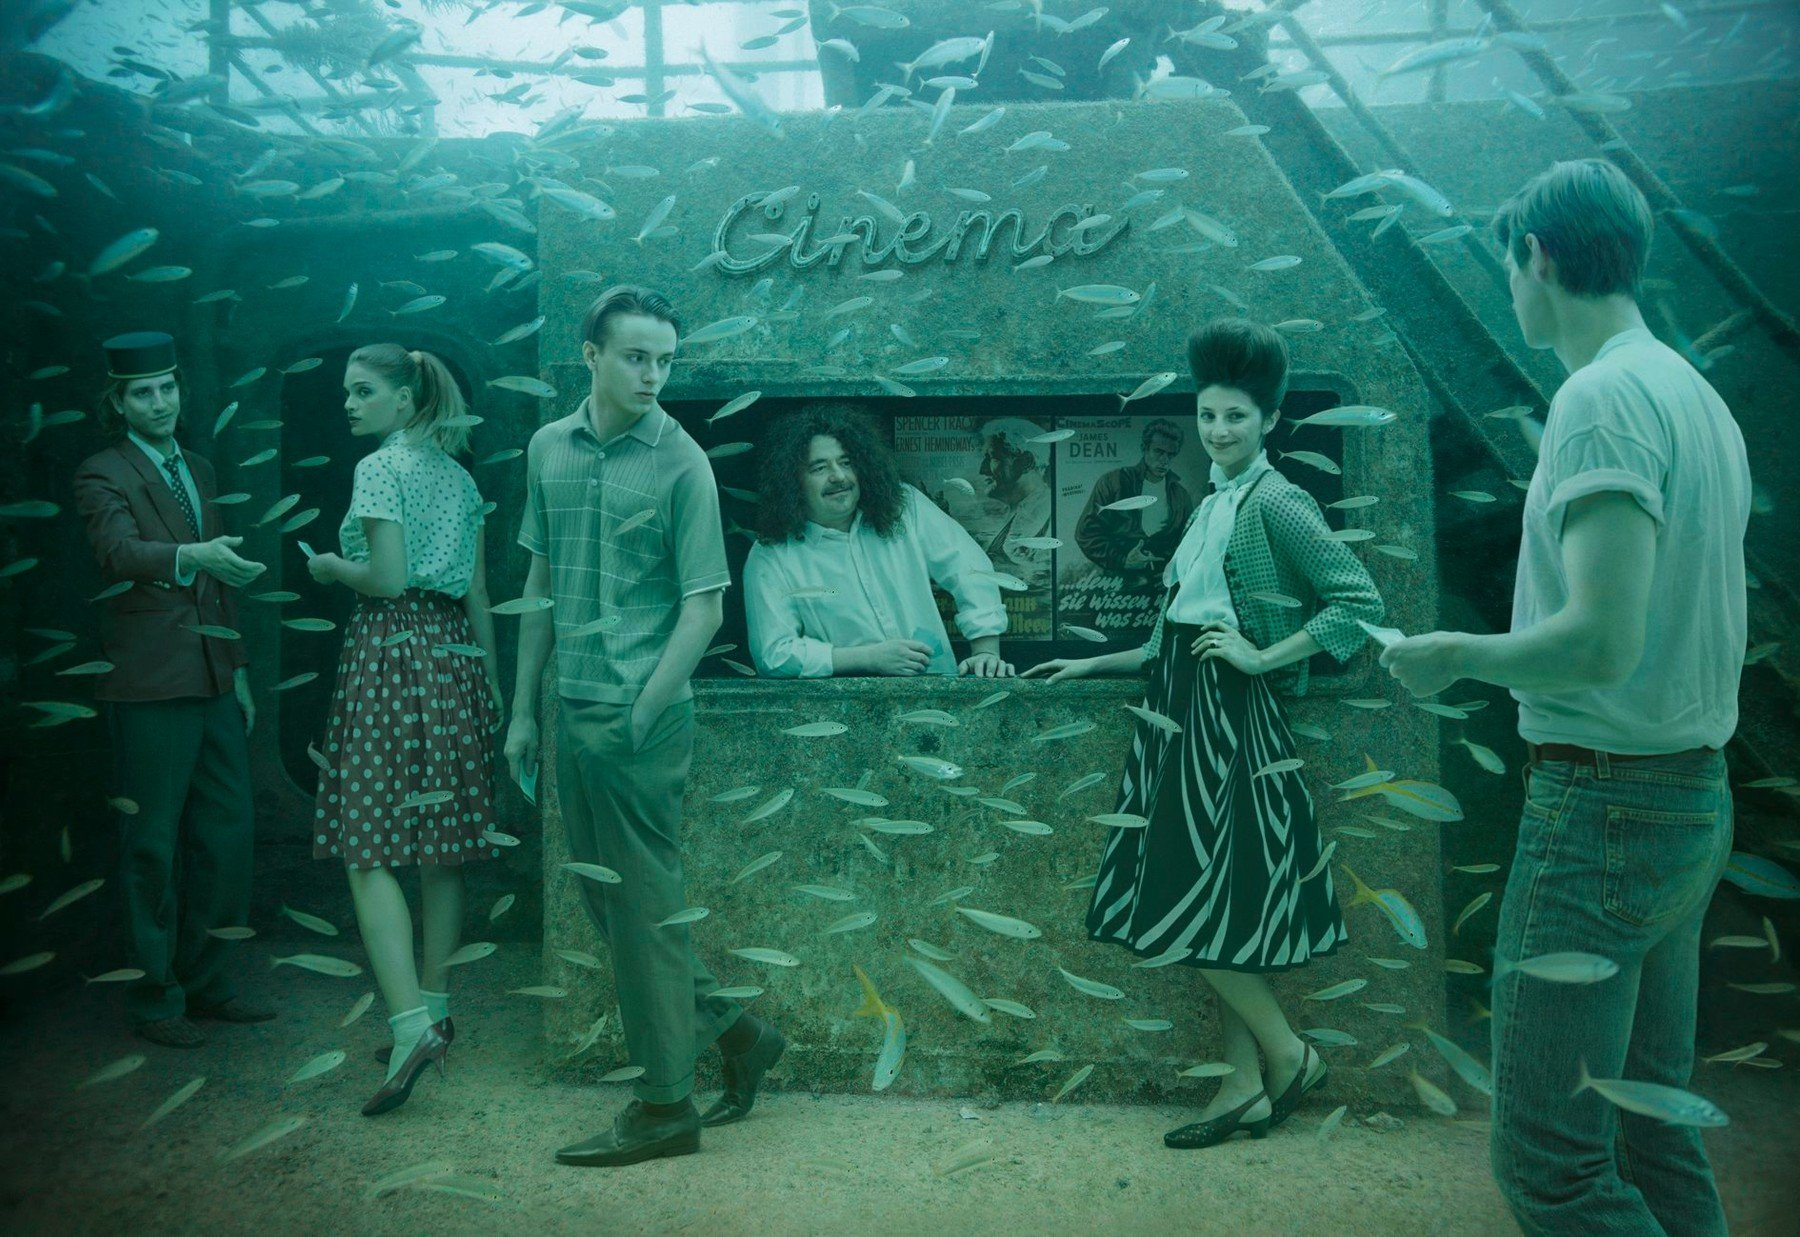 Podmořská galerie spojuje svět pod hladinou se snímky z vídeňského života